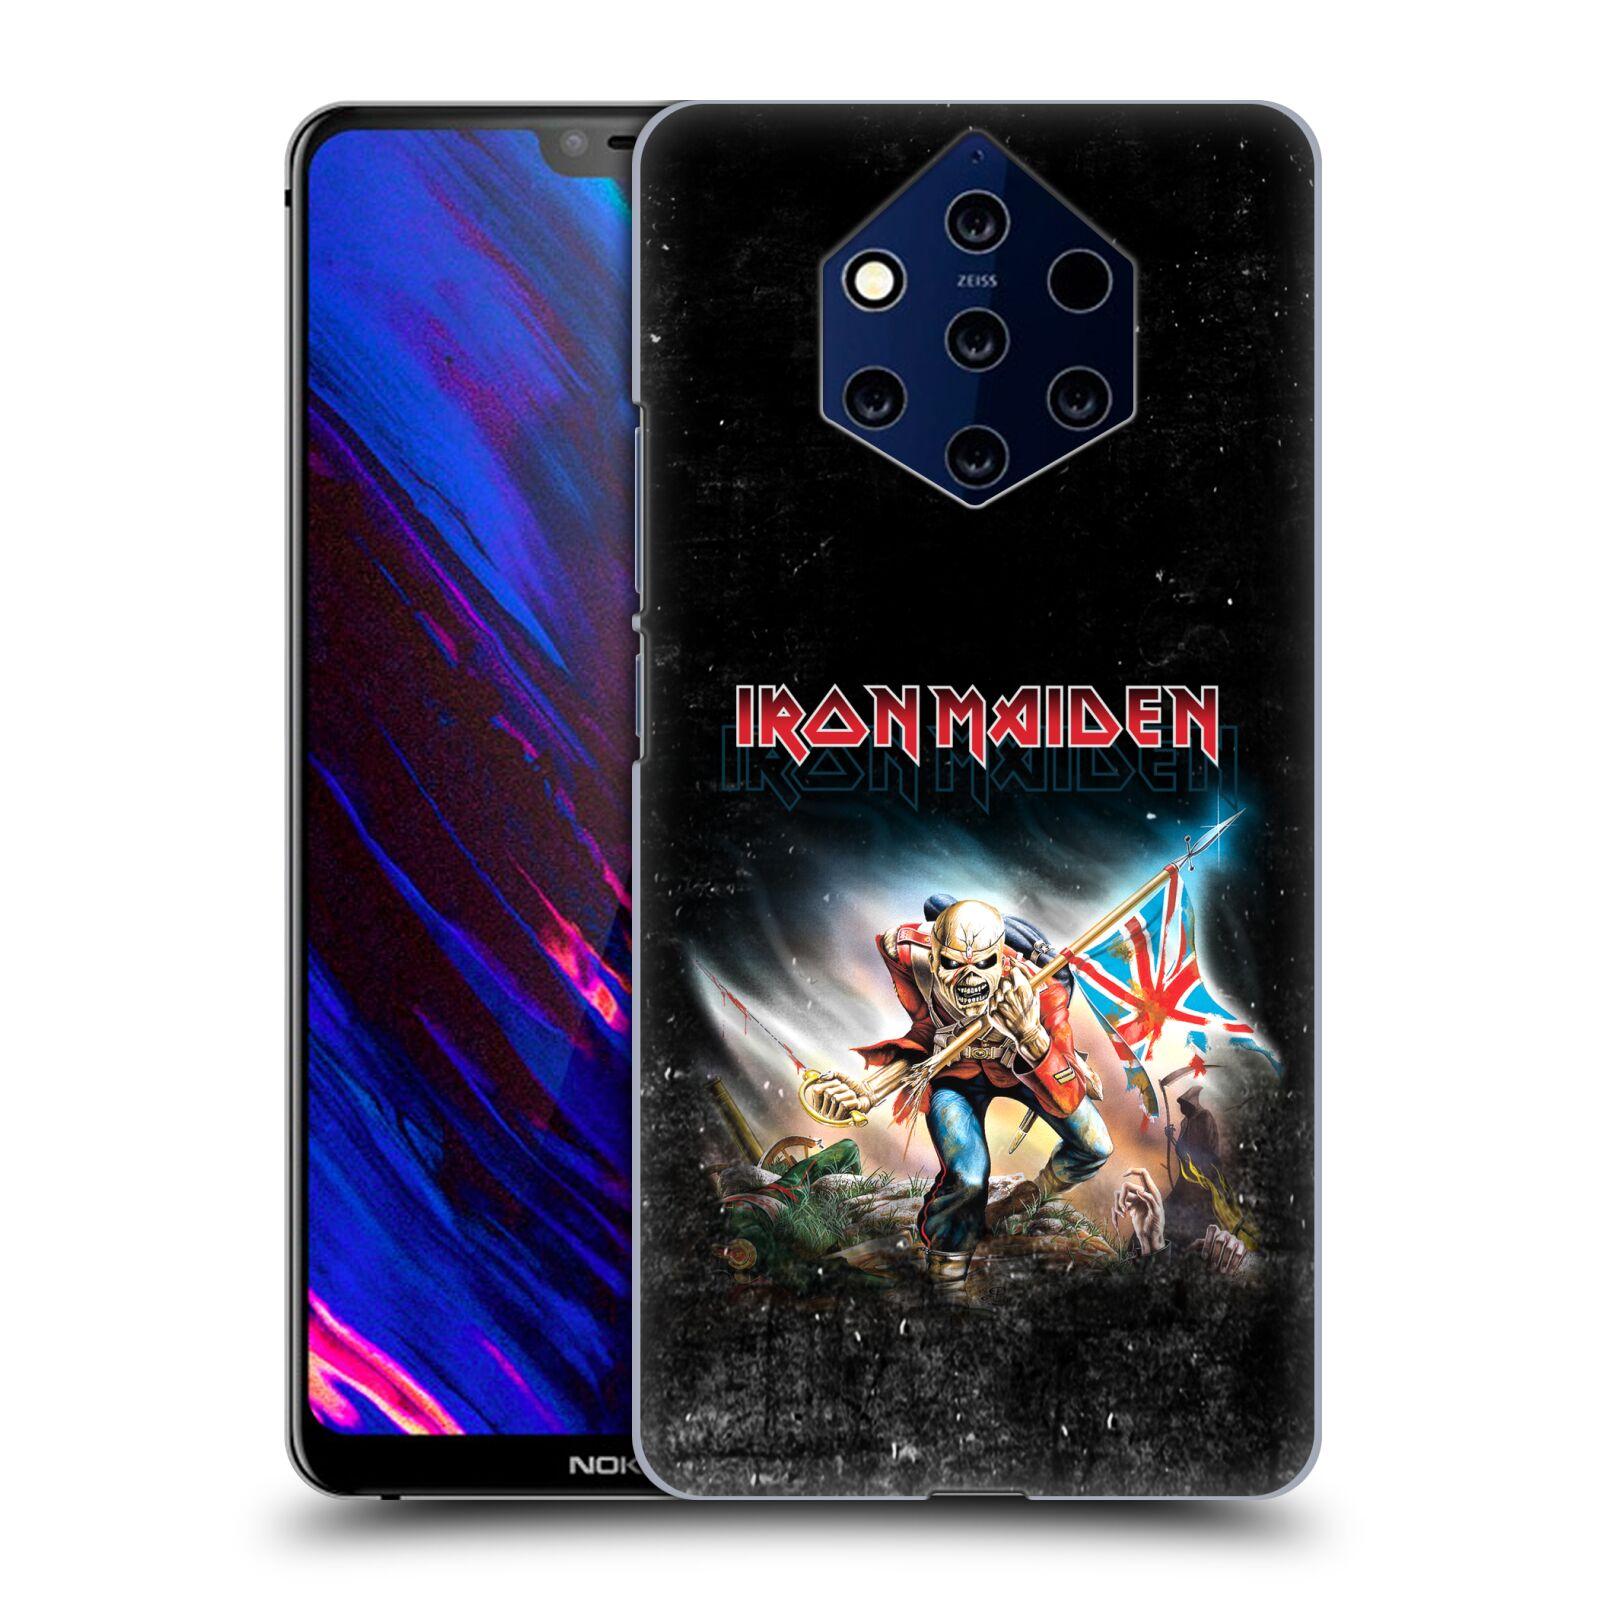 Plastové pouzdro na mobil Nokia 9 PureView - Head Case - Iron Maiden - Trooper 2016